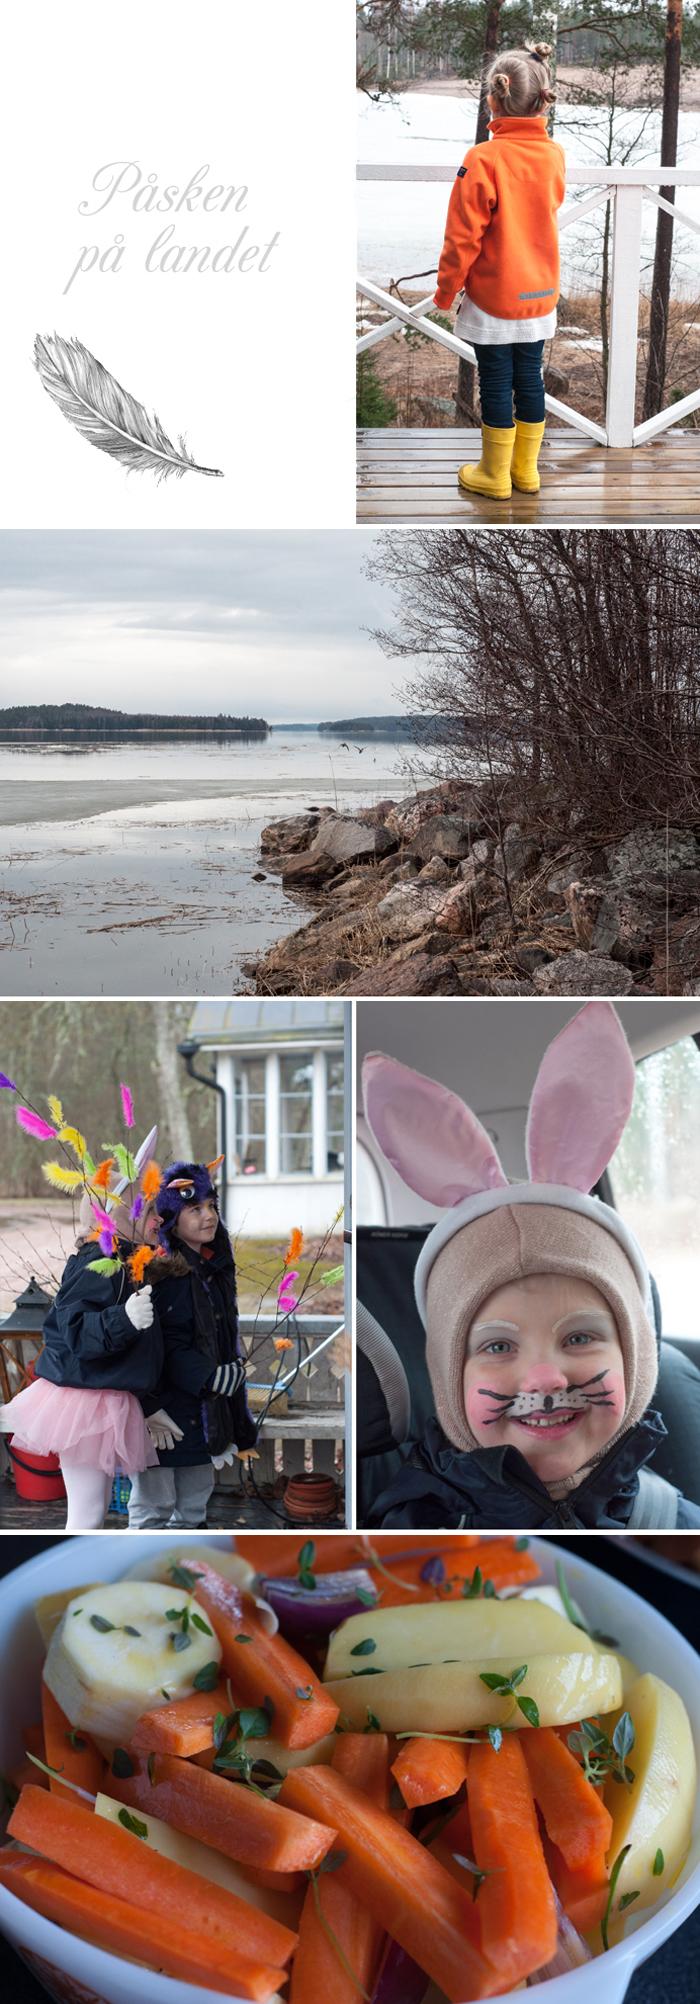 påsken på landet_edited-1